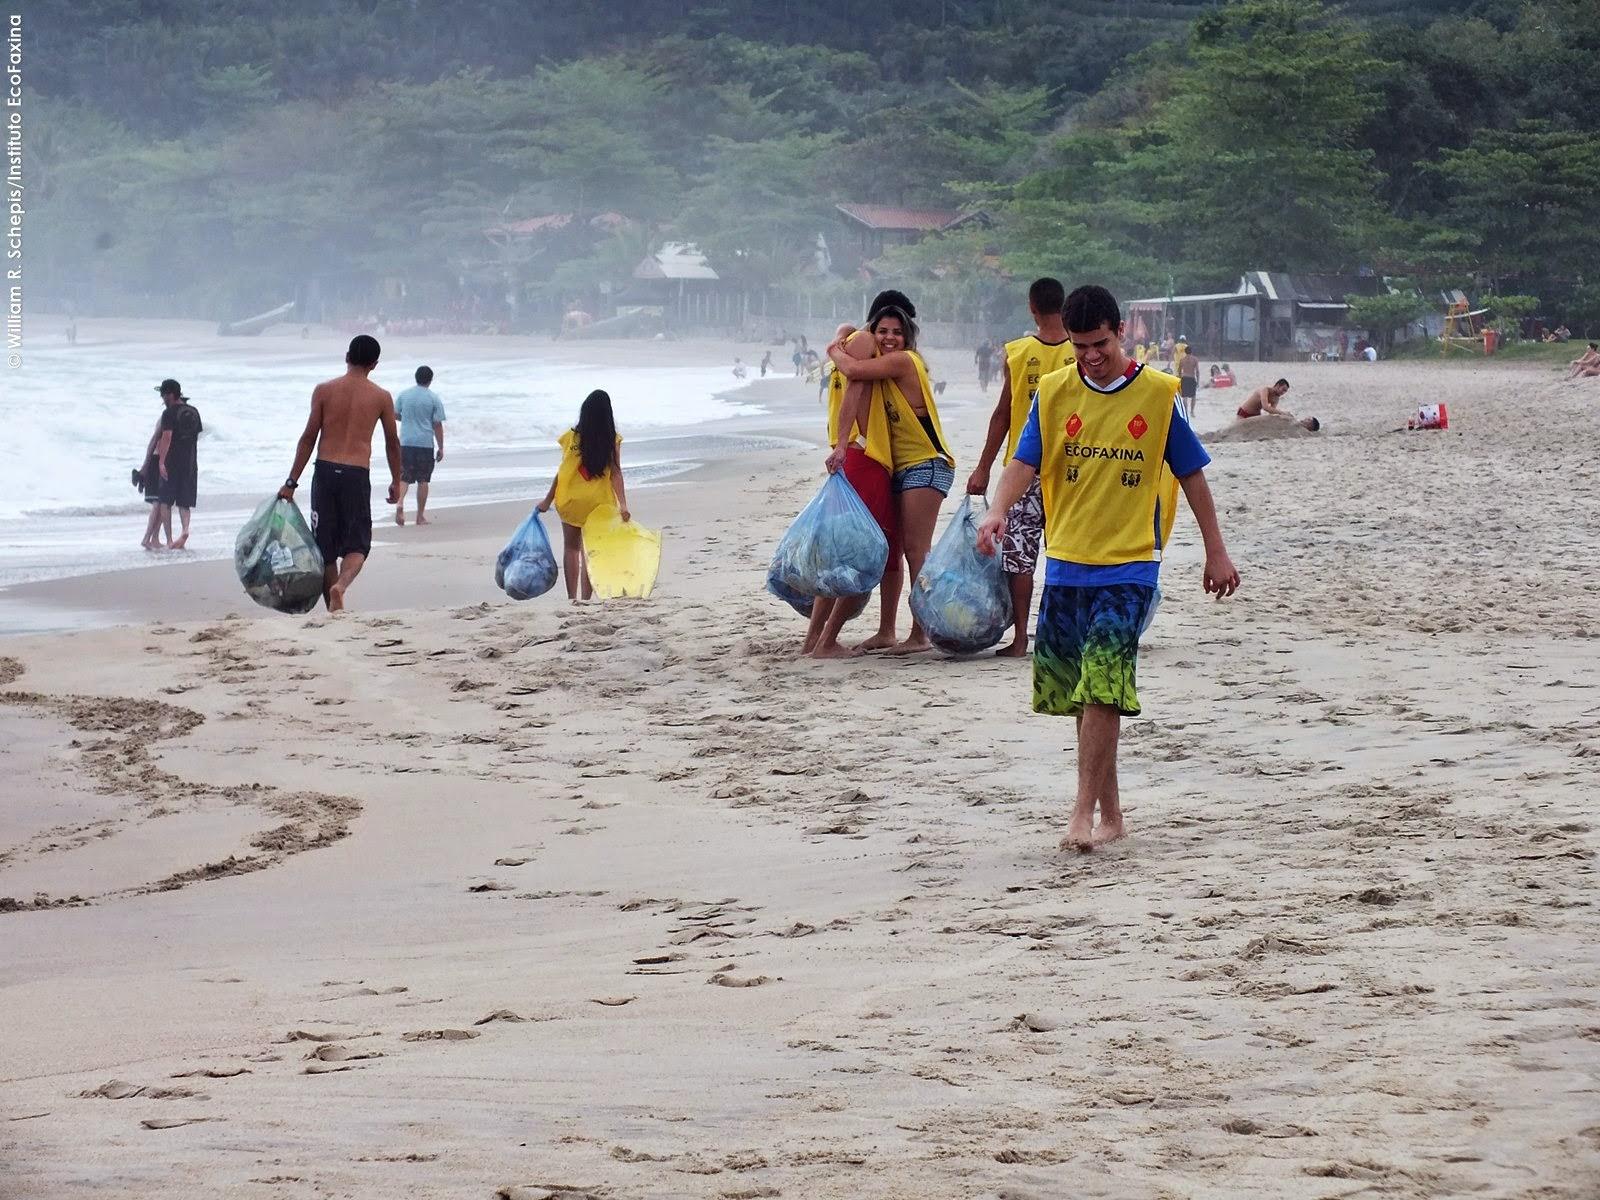 Voluntários realizaram a limpeza da faixa de areia e do costão rochoso. Foto: William R. Schepis/InstitutoEcoFaxina